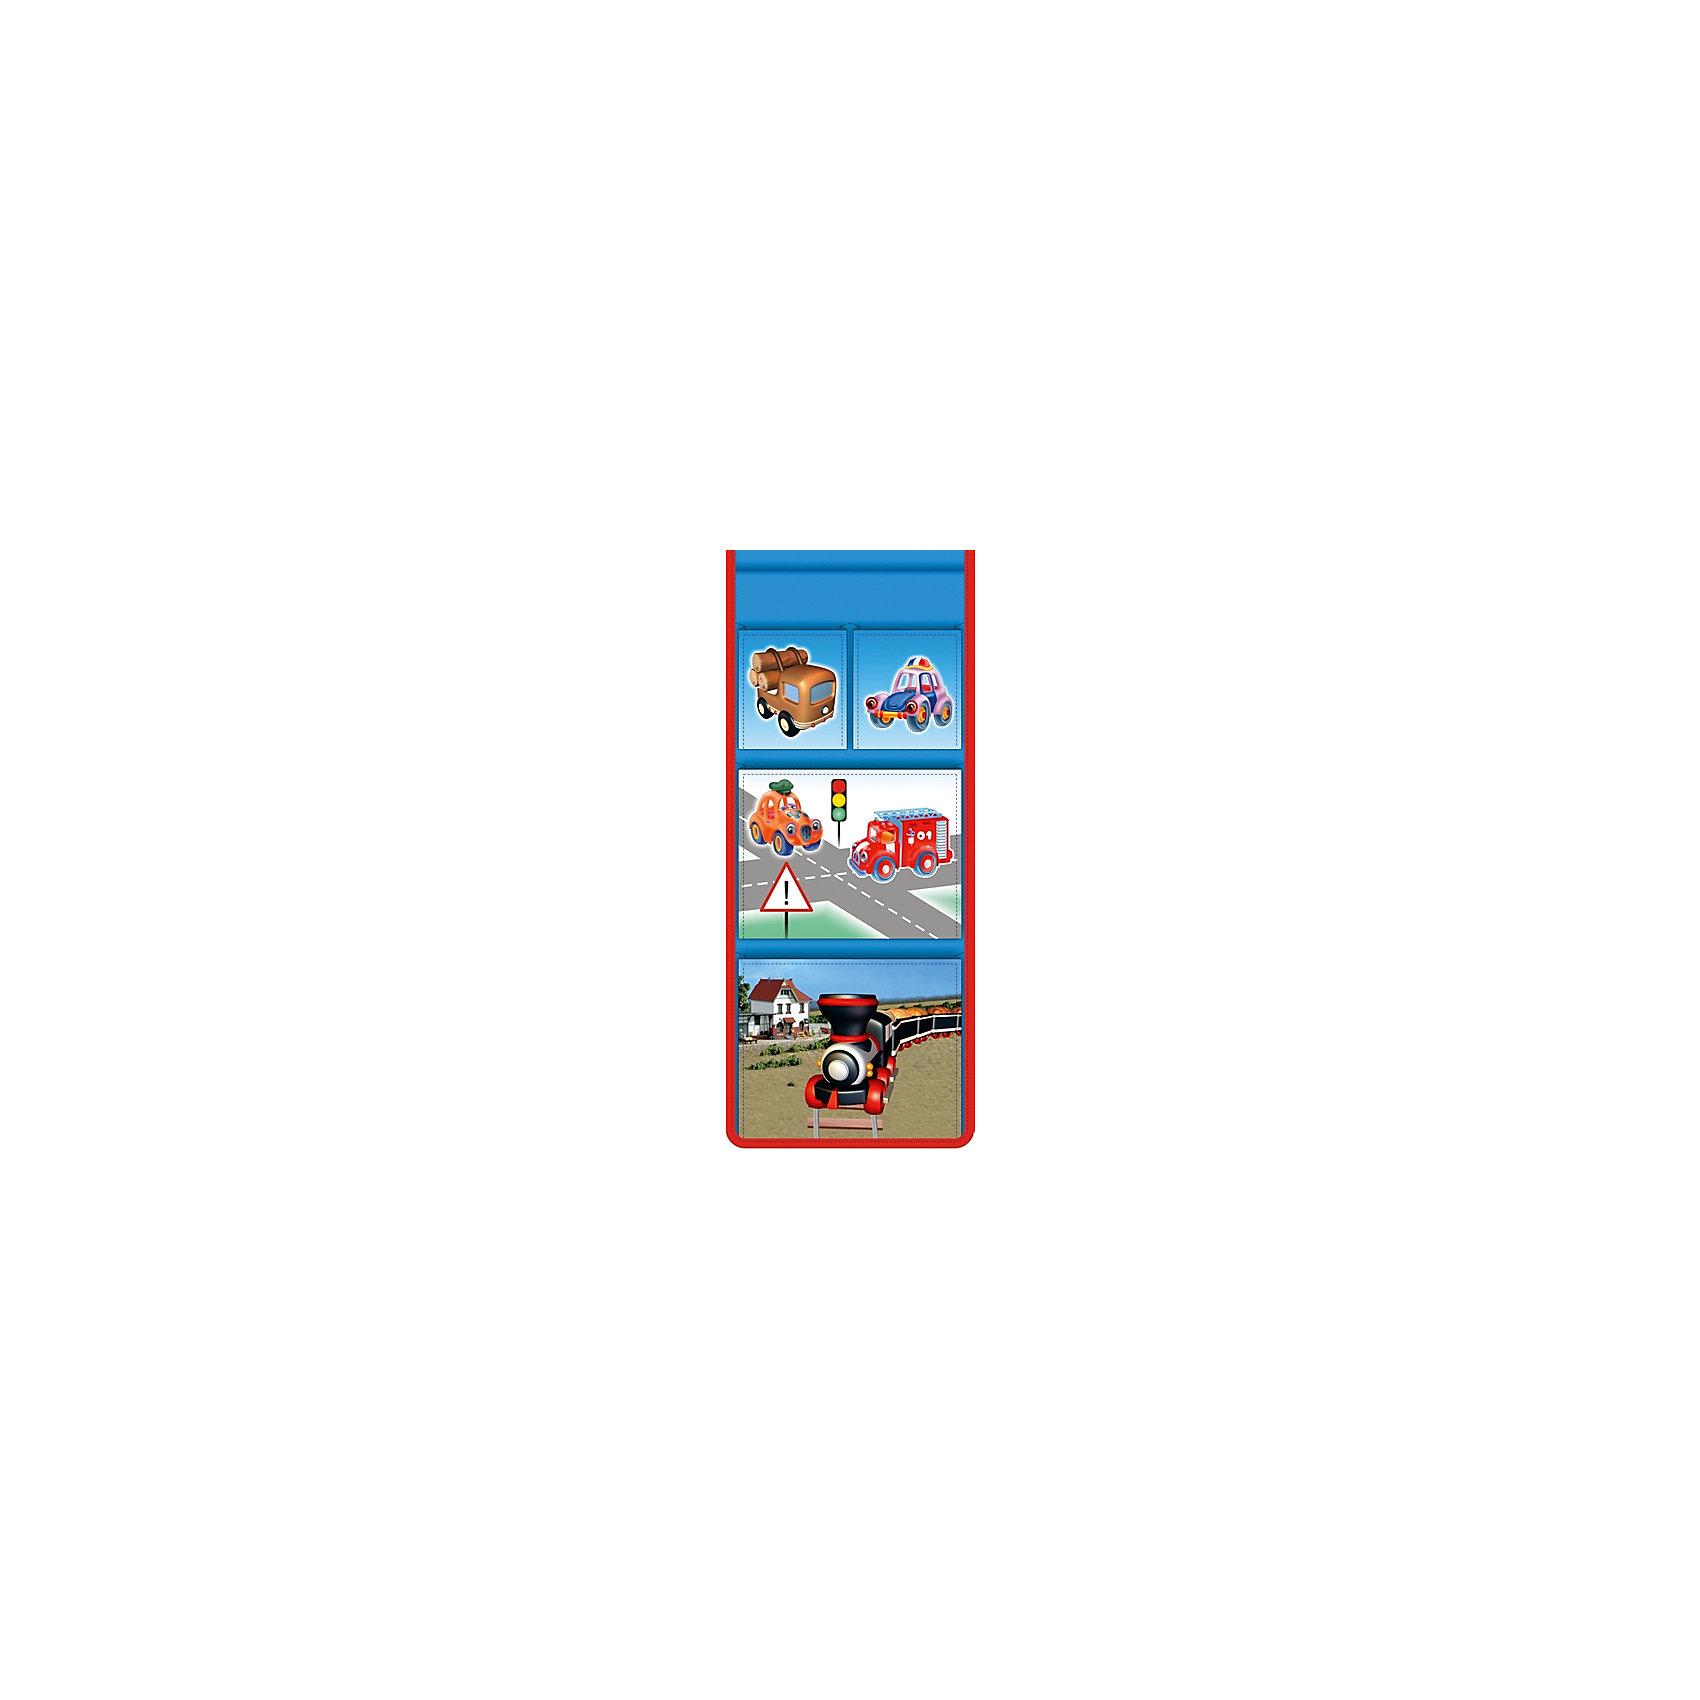 Кармашек в шкафчик МашинкиПрактичный, удобный и красивый кармашек можно использовать дома, в детском саду, на даче. Благодаря ему, ребенок сможет без помощи взрослых раскладывать и находить свои вещи, приучаясь к самостоятельности и порядку. Кармашек изготовлен из высококачественного прочного материала, имеет вставку из пластиковой трубки под шнур.<br><br>Дополнительная информация:<br><br>- Материал: синтетический материал Оксфорд.<br>- Хорошо моется и стирается в машине (без отжима, при 30 ?).<br>- Размер: 25х60 см.<br>- 4 кармана: для расчесок и заколок; для салфеток и платочков; для футболок; для сменной обуви.<br><br>Кармашек в шкафчик Машинки можно купить в нашем магазине.<br><br>Ширина мм: 310<br>Глубина мм: 200<br>Высота мм: 150<br>Вес г: 300<br>Возраст от месяцев: 12<br>Возраст до месяцев: 120<br>Пол: Унисекс<br>Возраст: Детский<br>SKU: 4718470